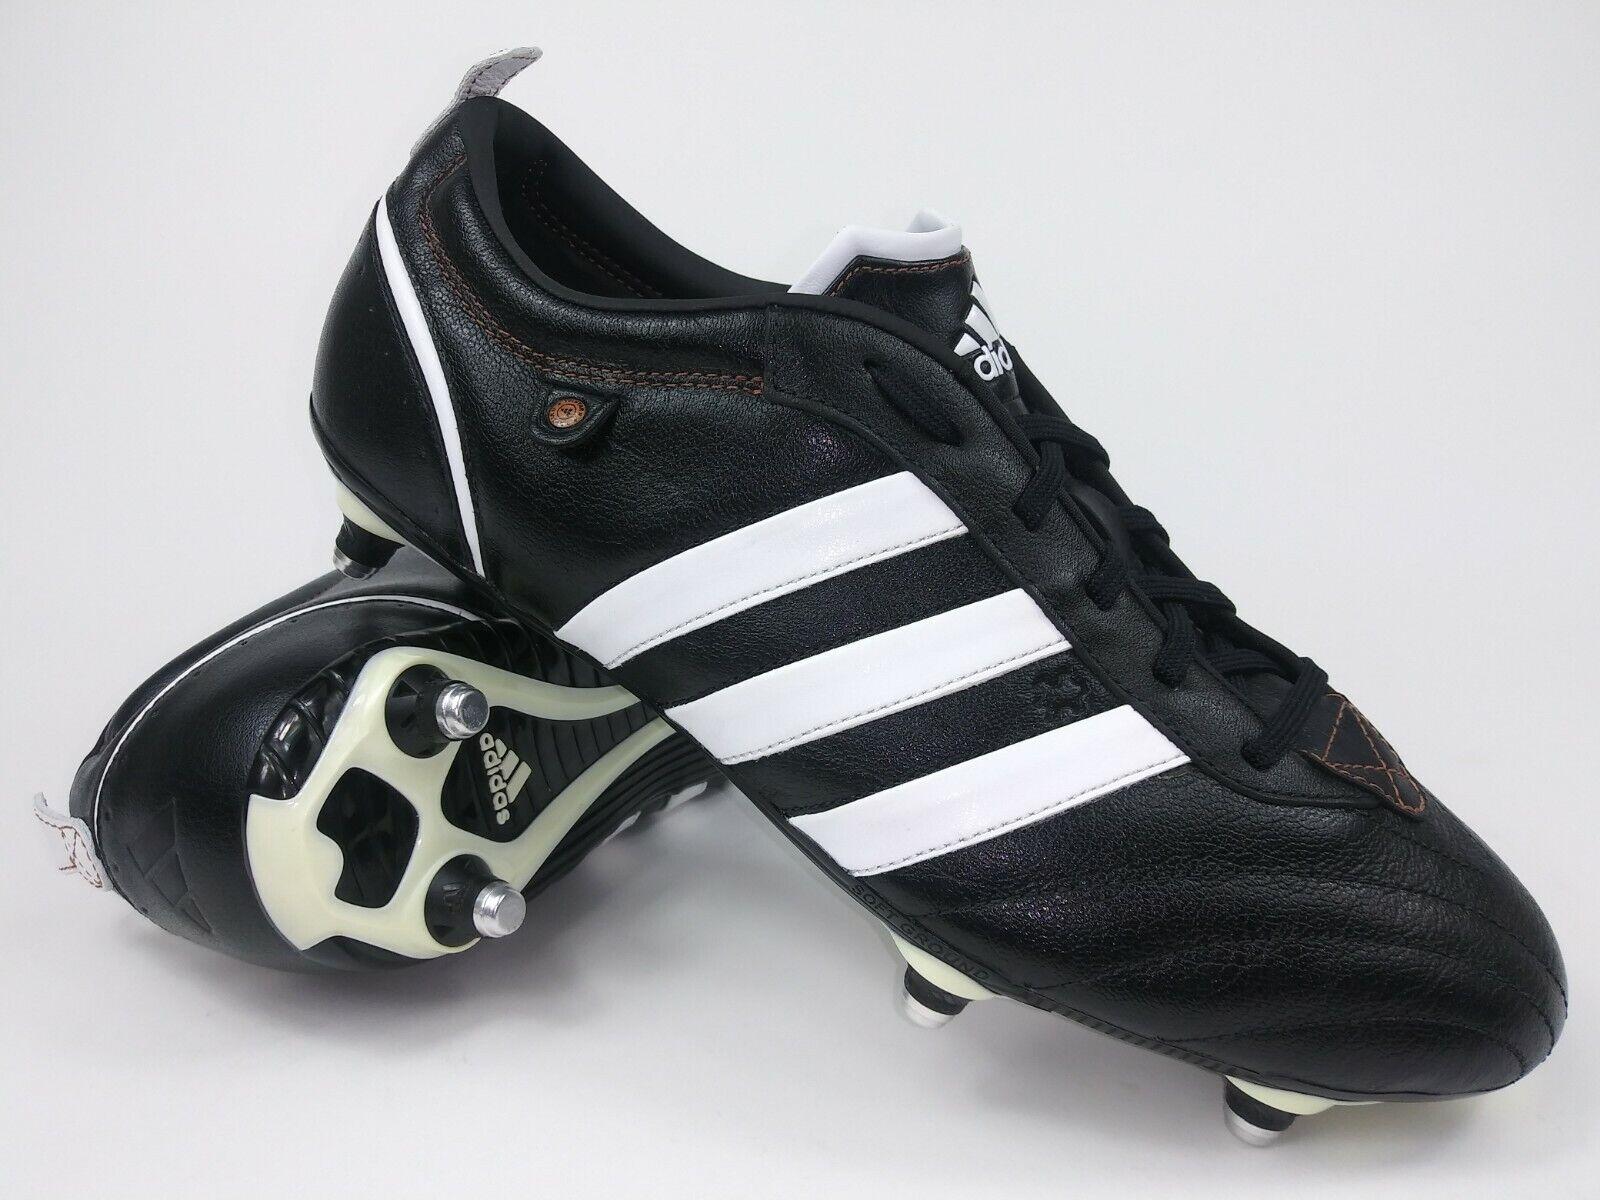 Adidas señores raramente TelEstrella ll sg 012448 fútbol galerías botas de fútbol